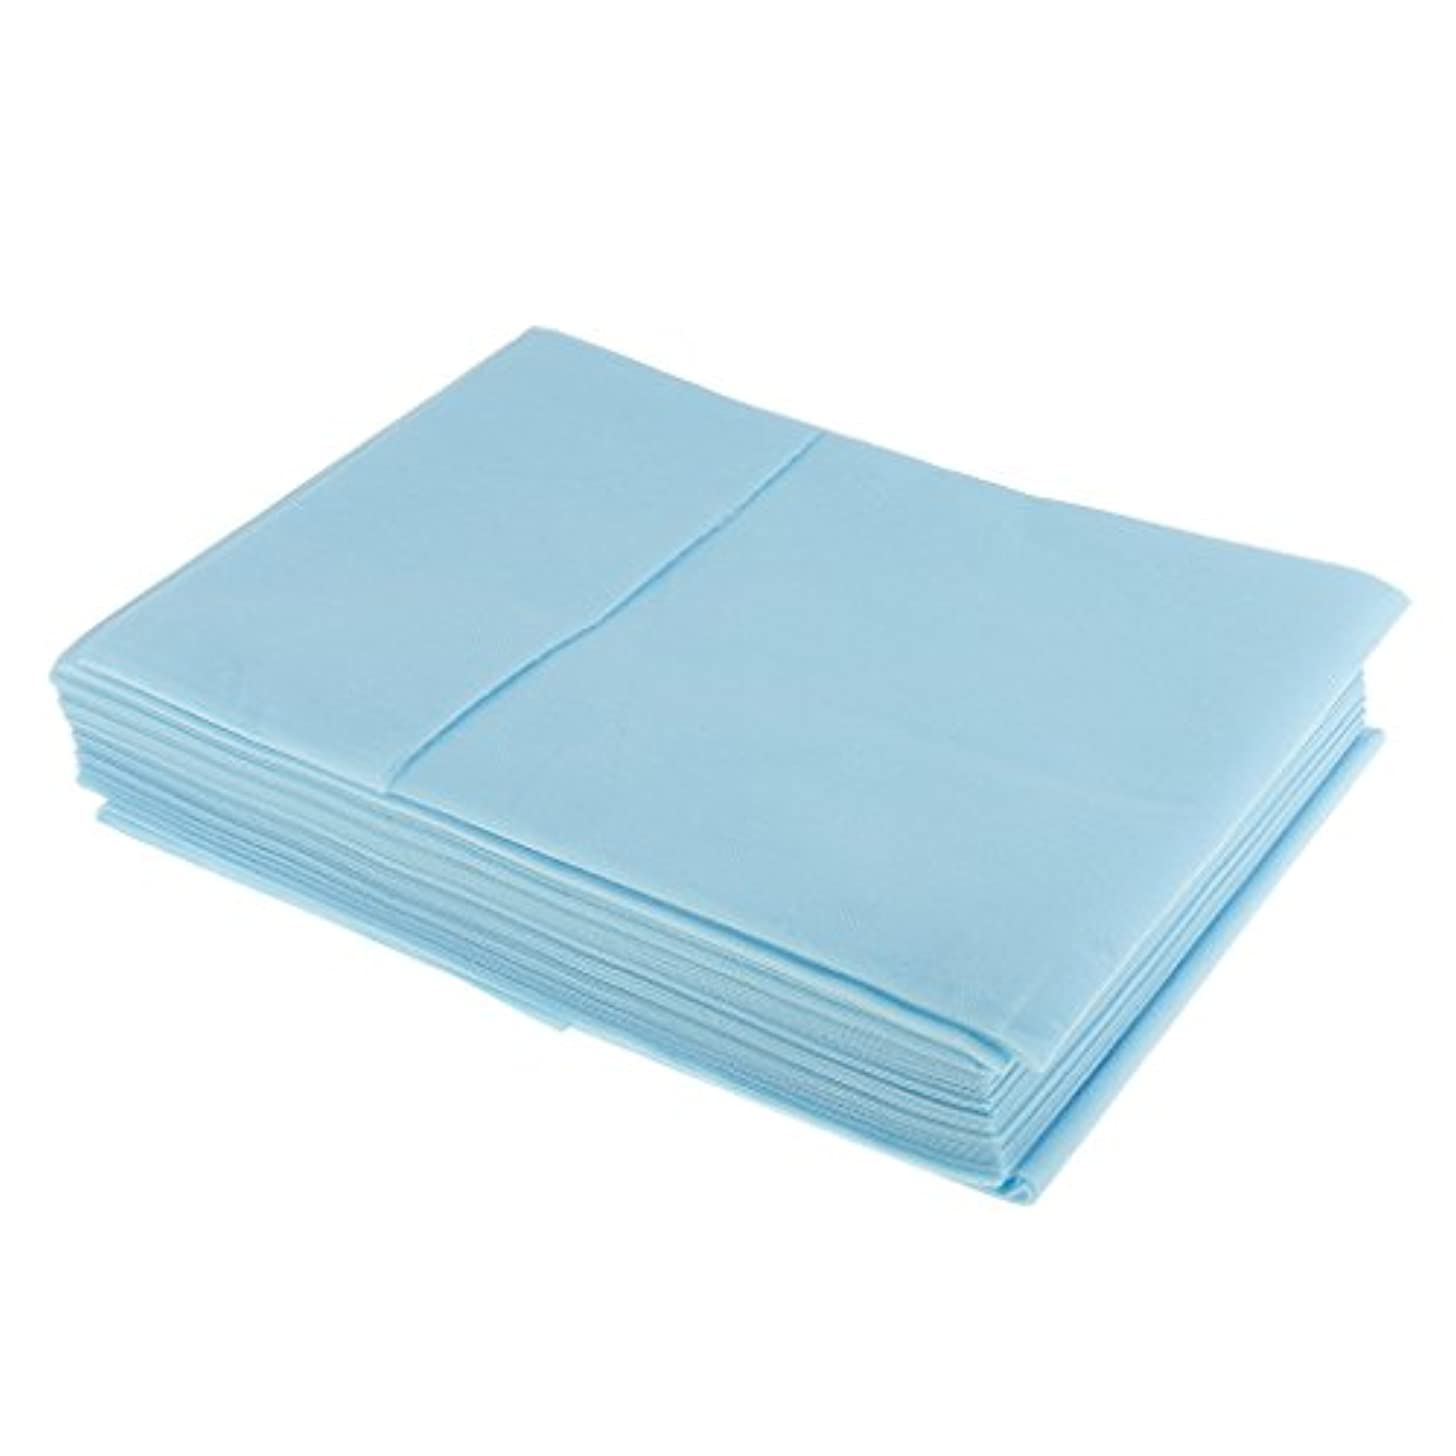 オゾン合わせて取り戻すKesoto 10枚入り 使い捨て 美容室/マッサージ/サロン/ホテル ベッドパッド 旅行用 衛生シート 全3色選べ - 青